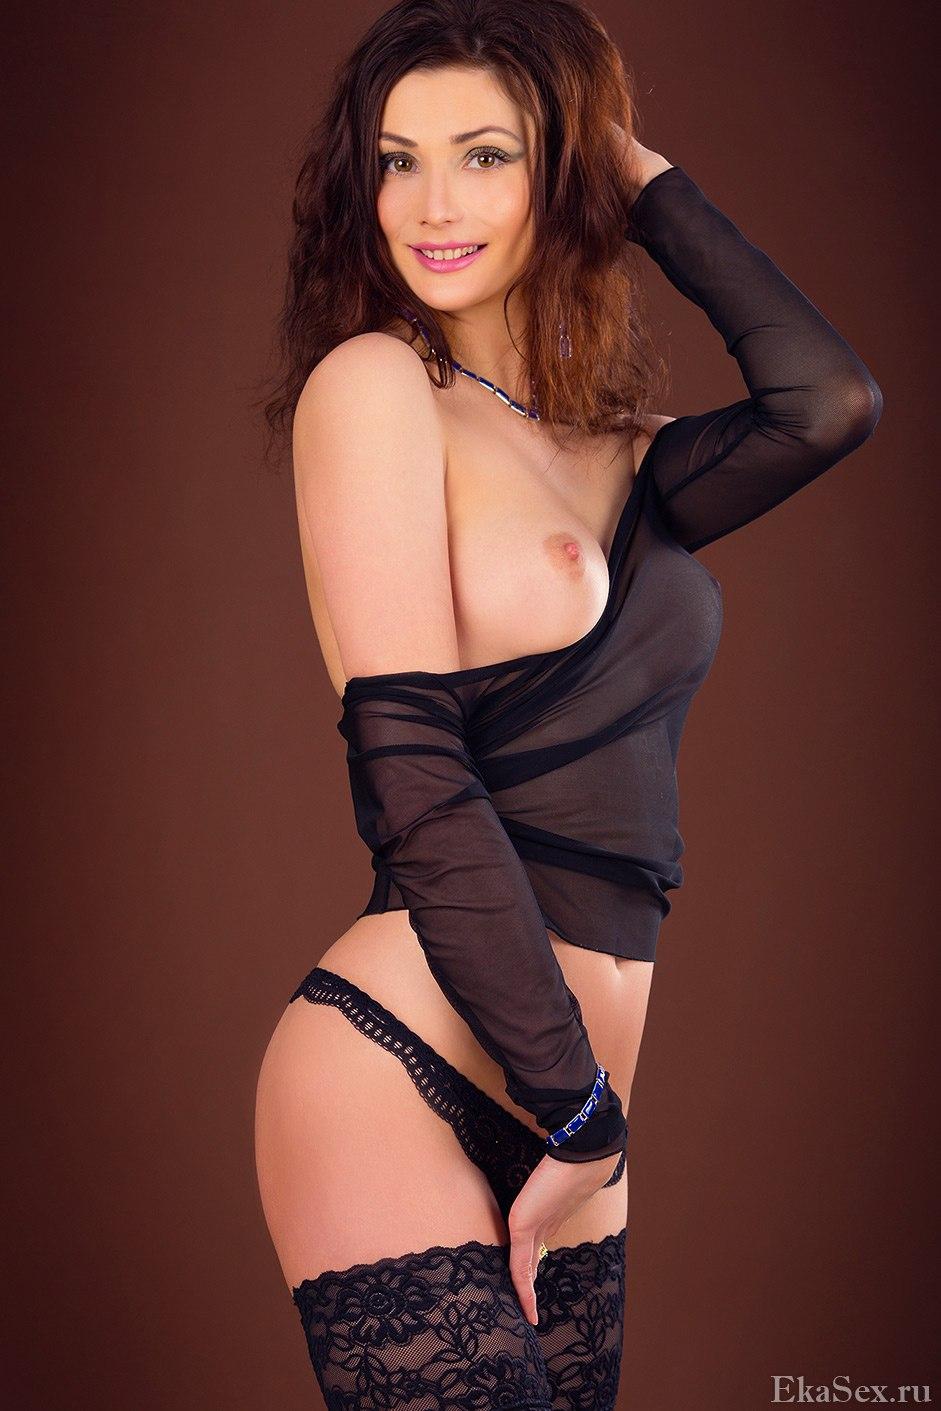 фото проститутки Анна из города Екатеринбург